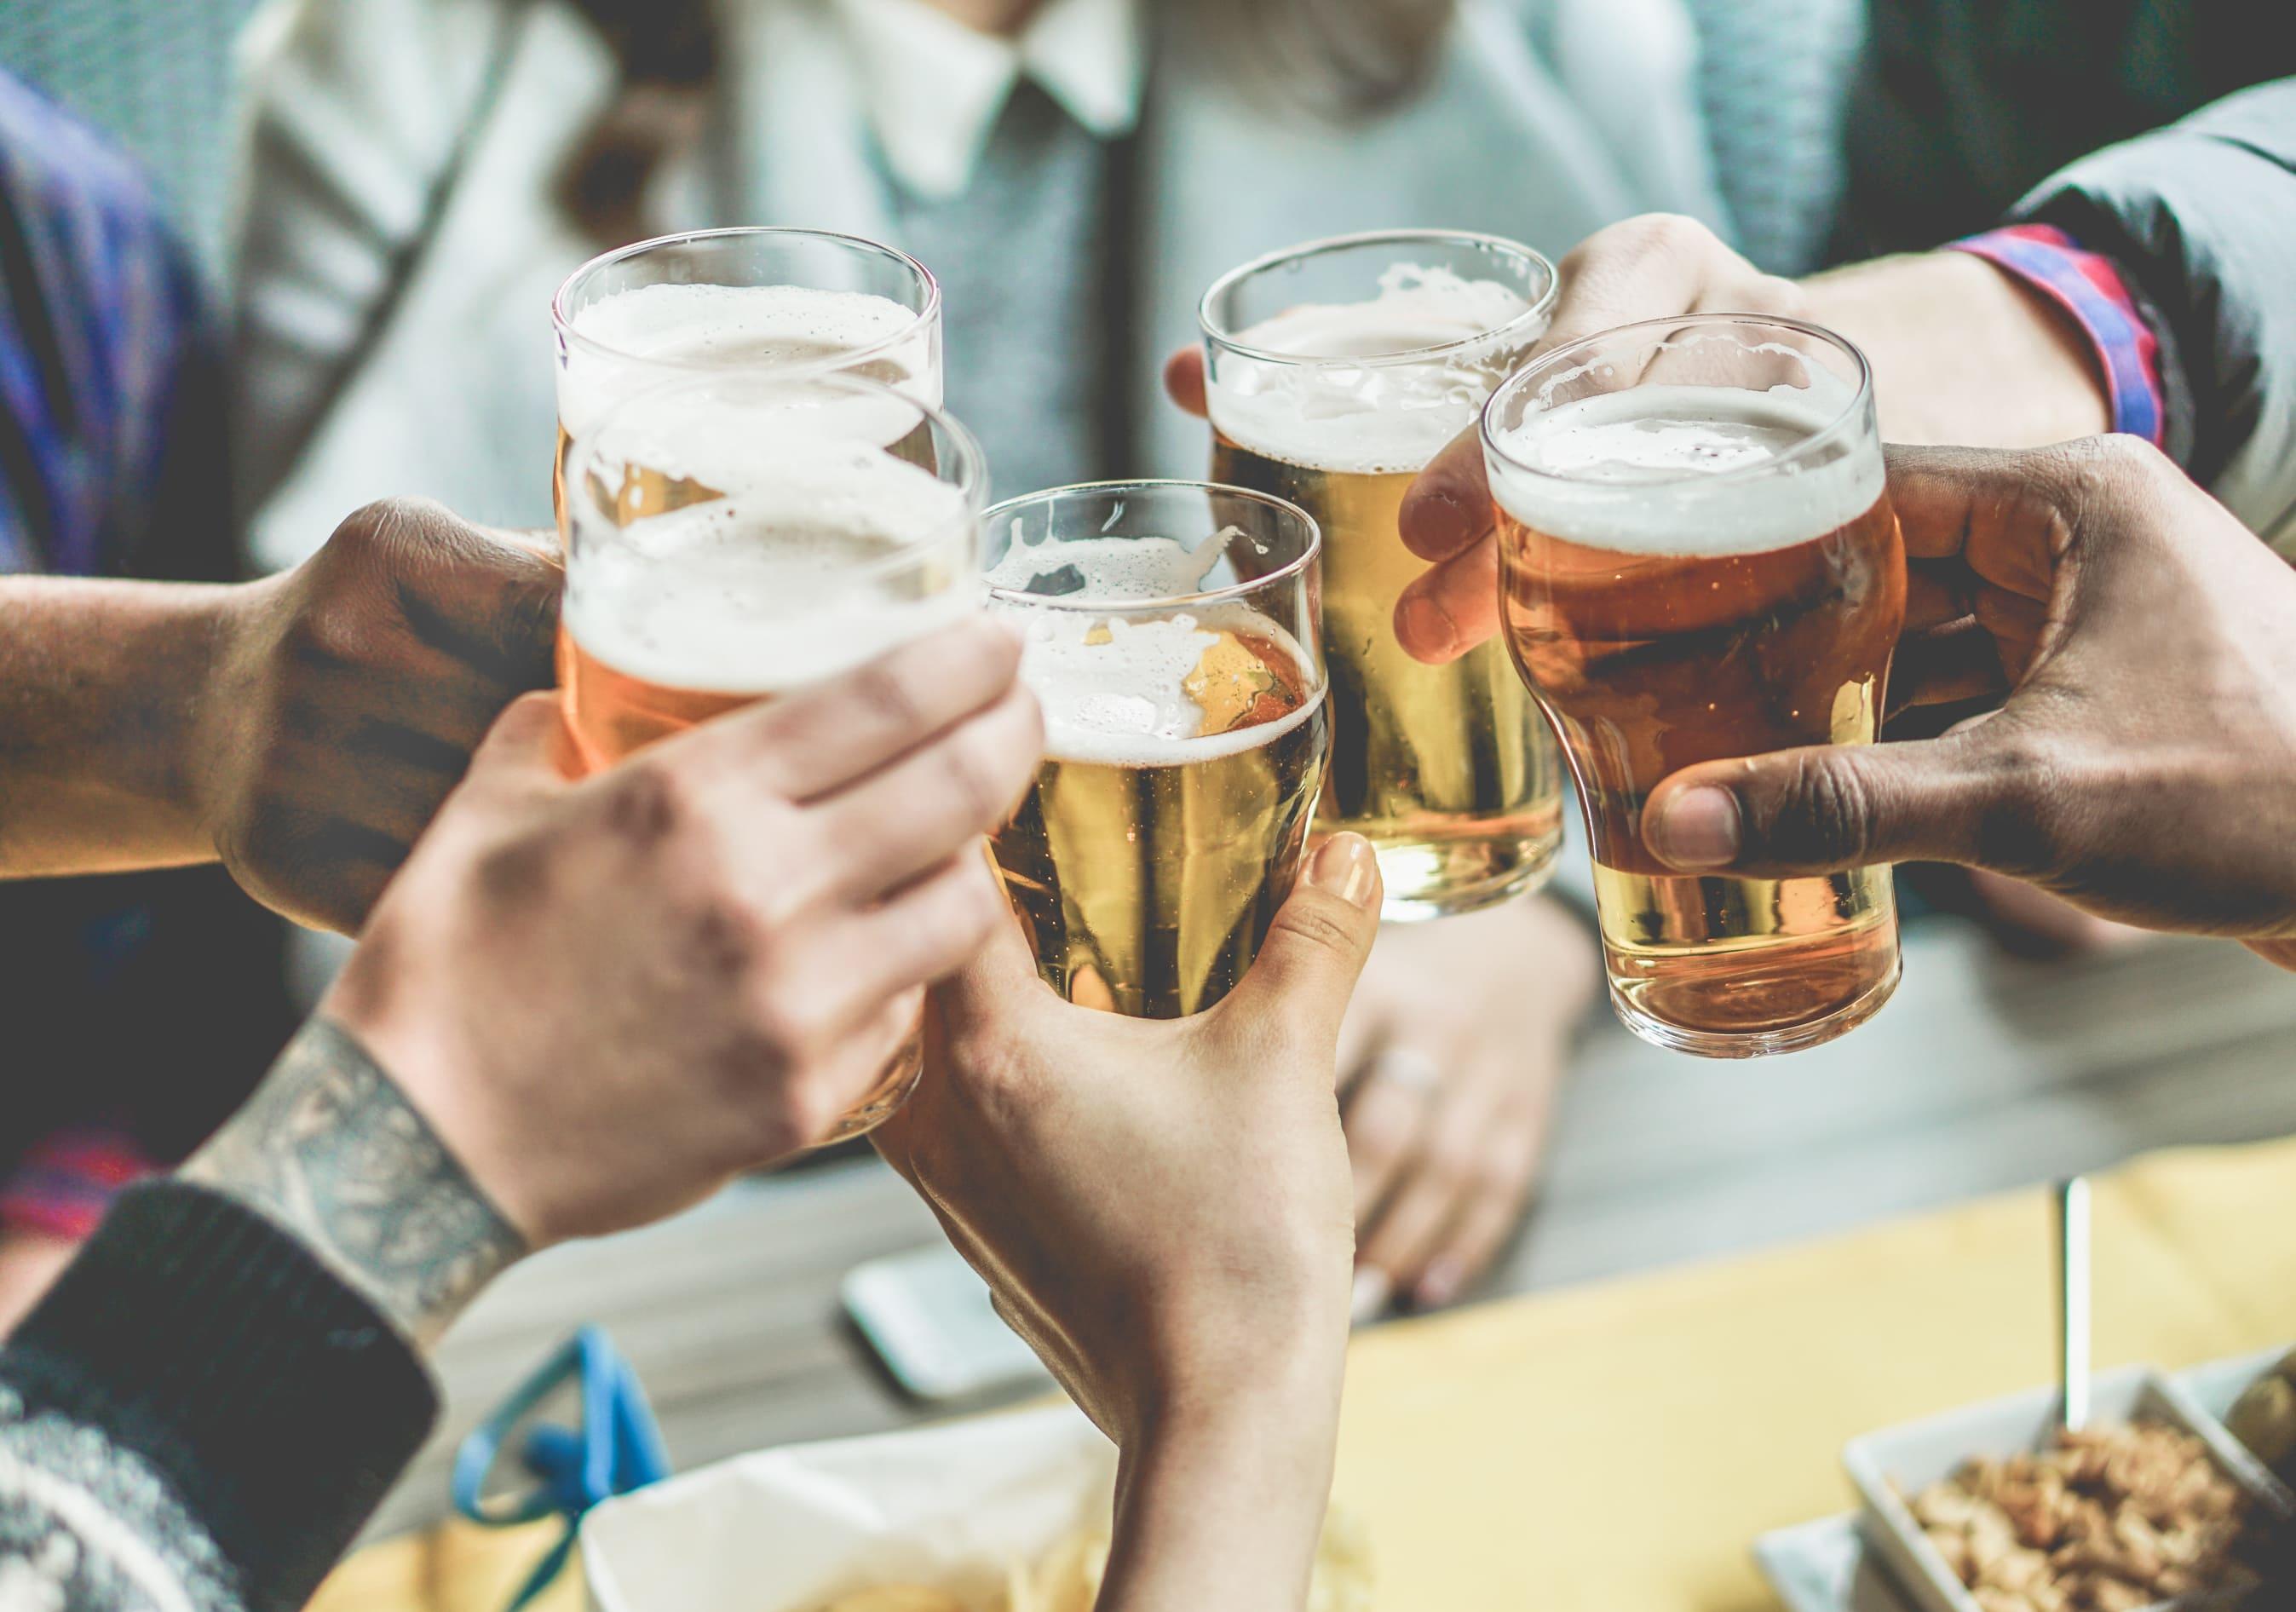 Imagem de uns amigos comemorando para remeter ao empreendedor que deseja abrir uma microcervejaria de sucesso